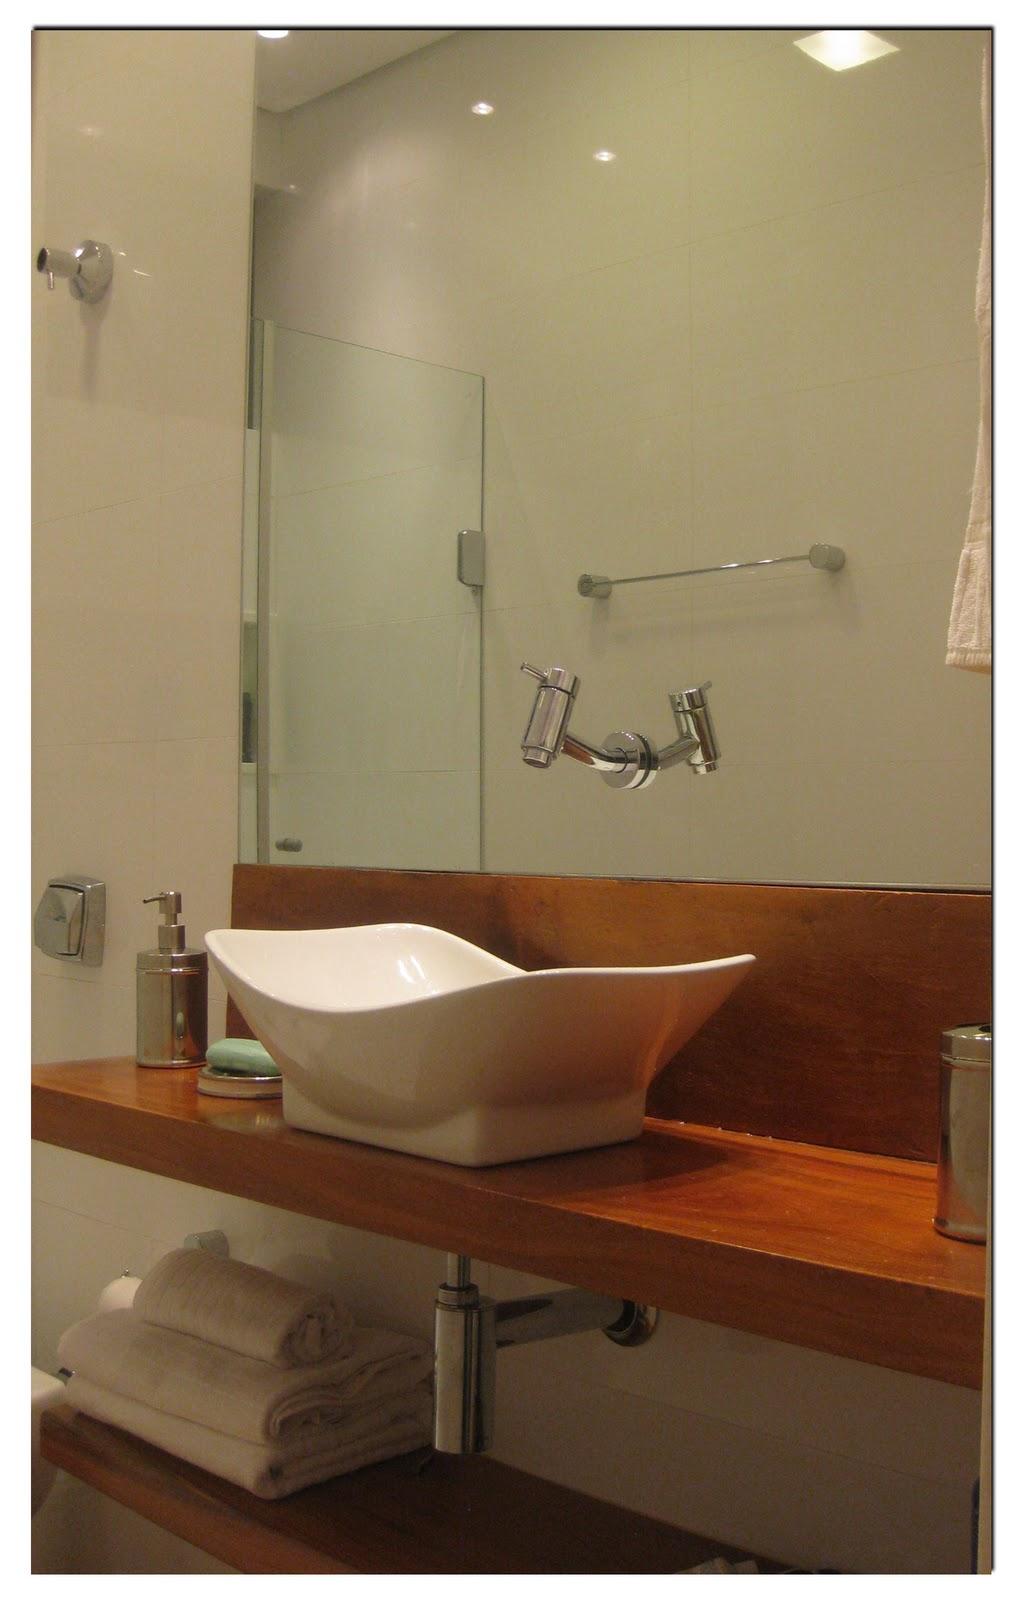 Reforma lá de casa: Vidro e espelho  #AE4E10 1024 1600